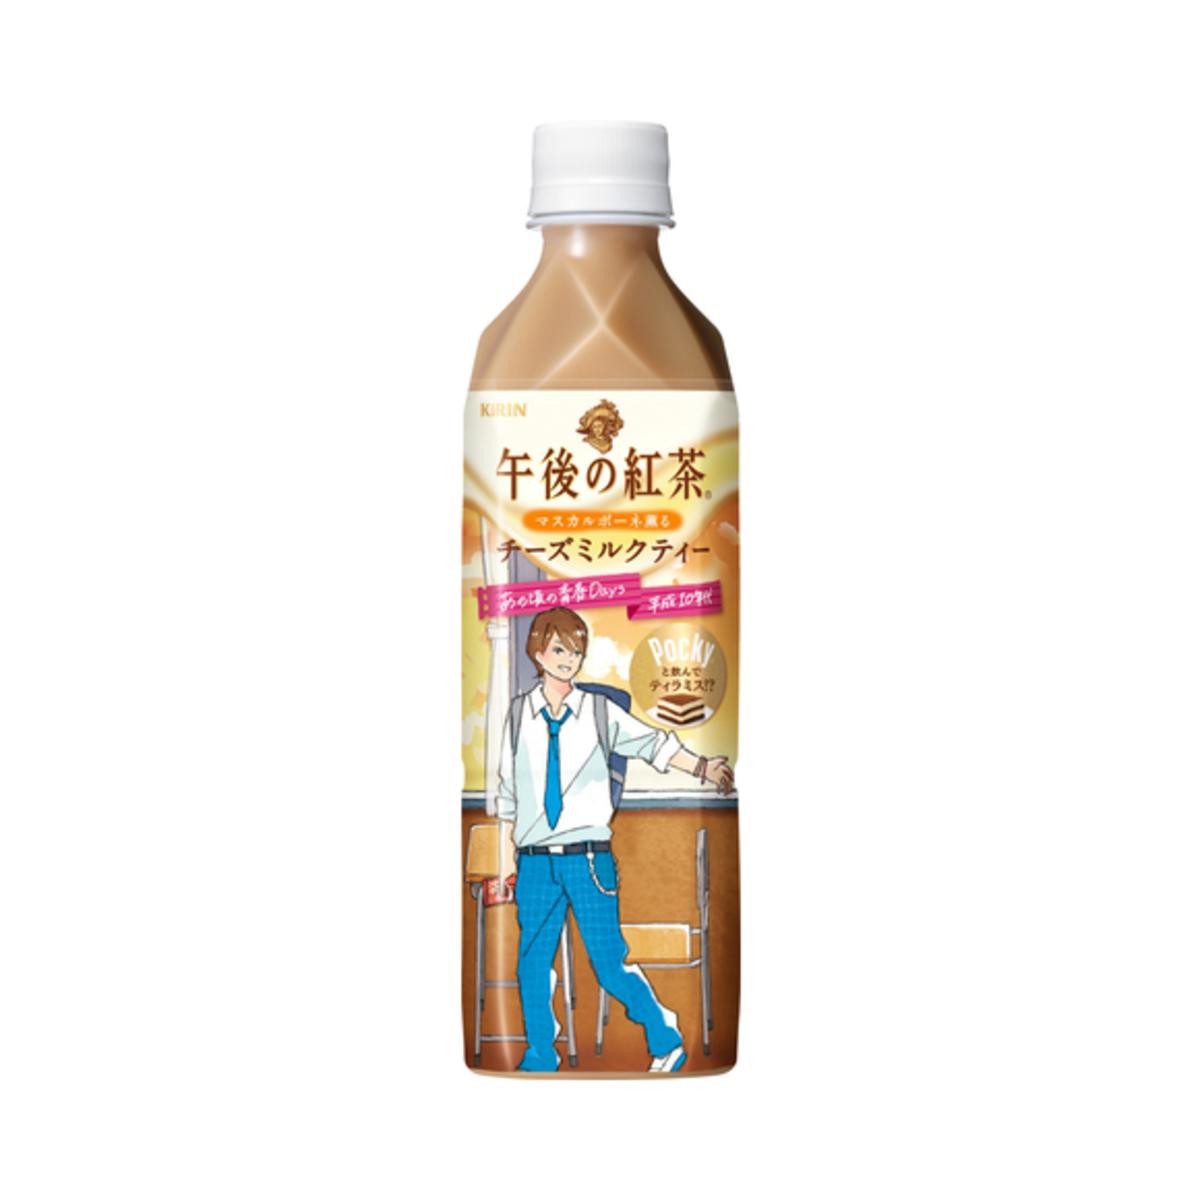 午後紅茶佰奇配對版芝士奶茶 500ml